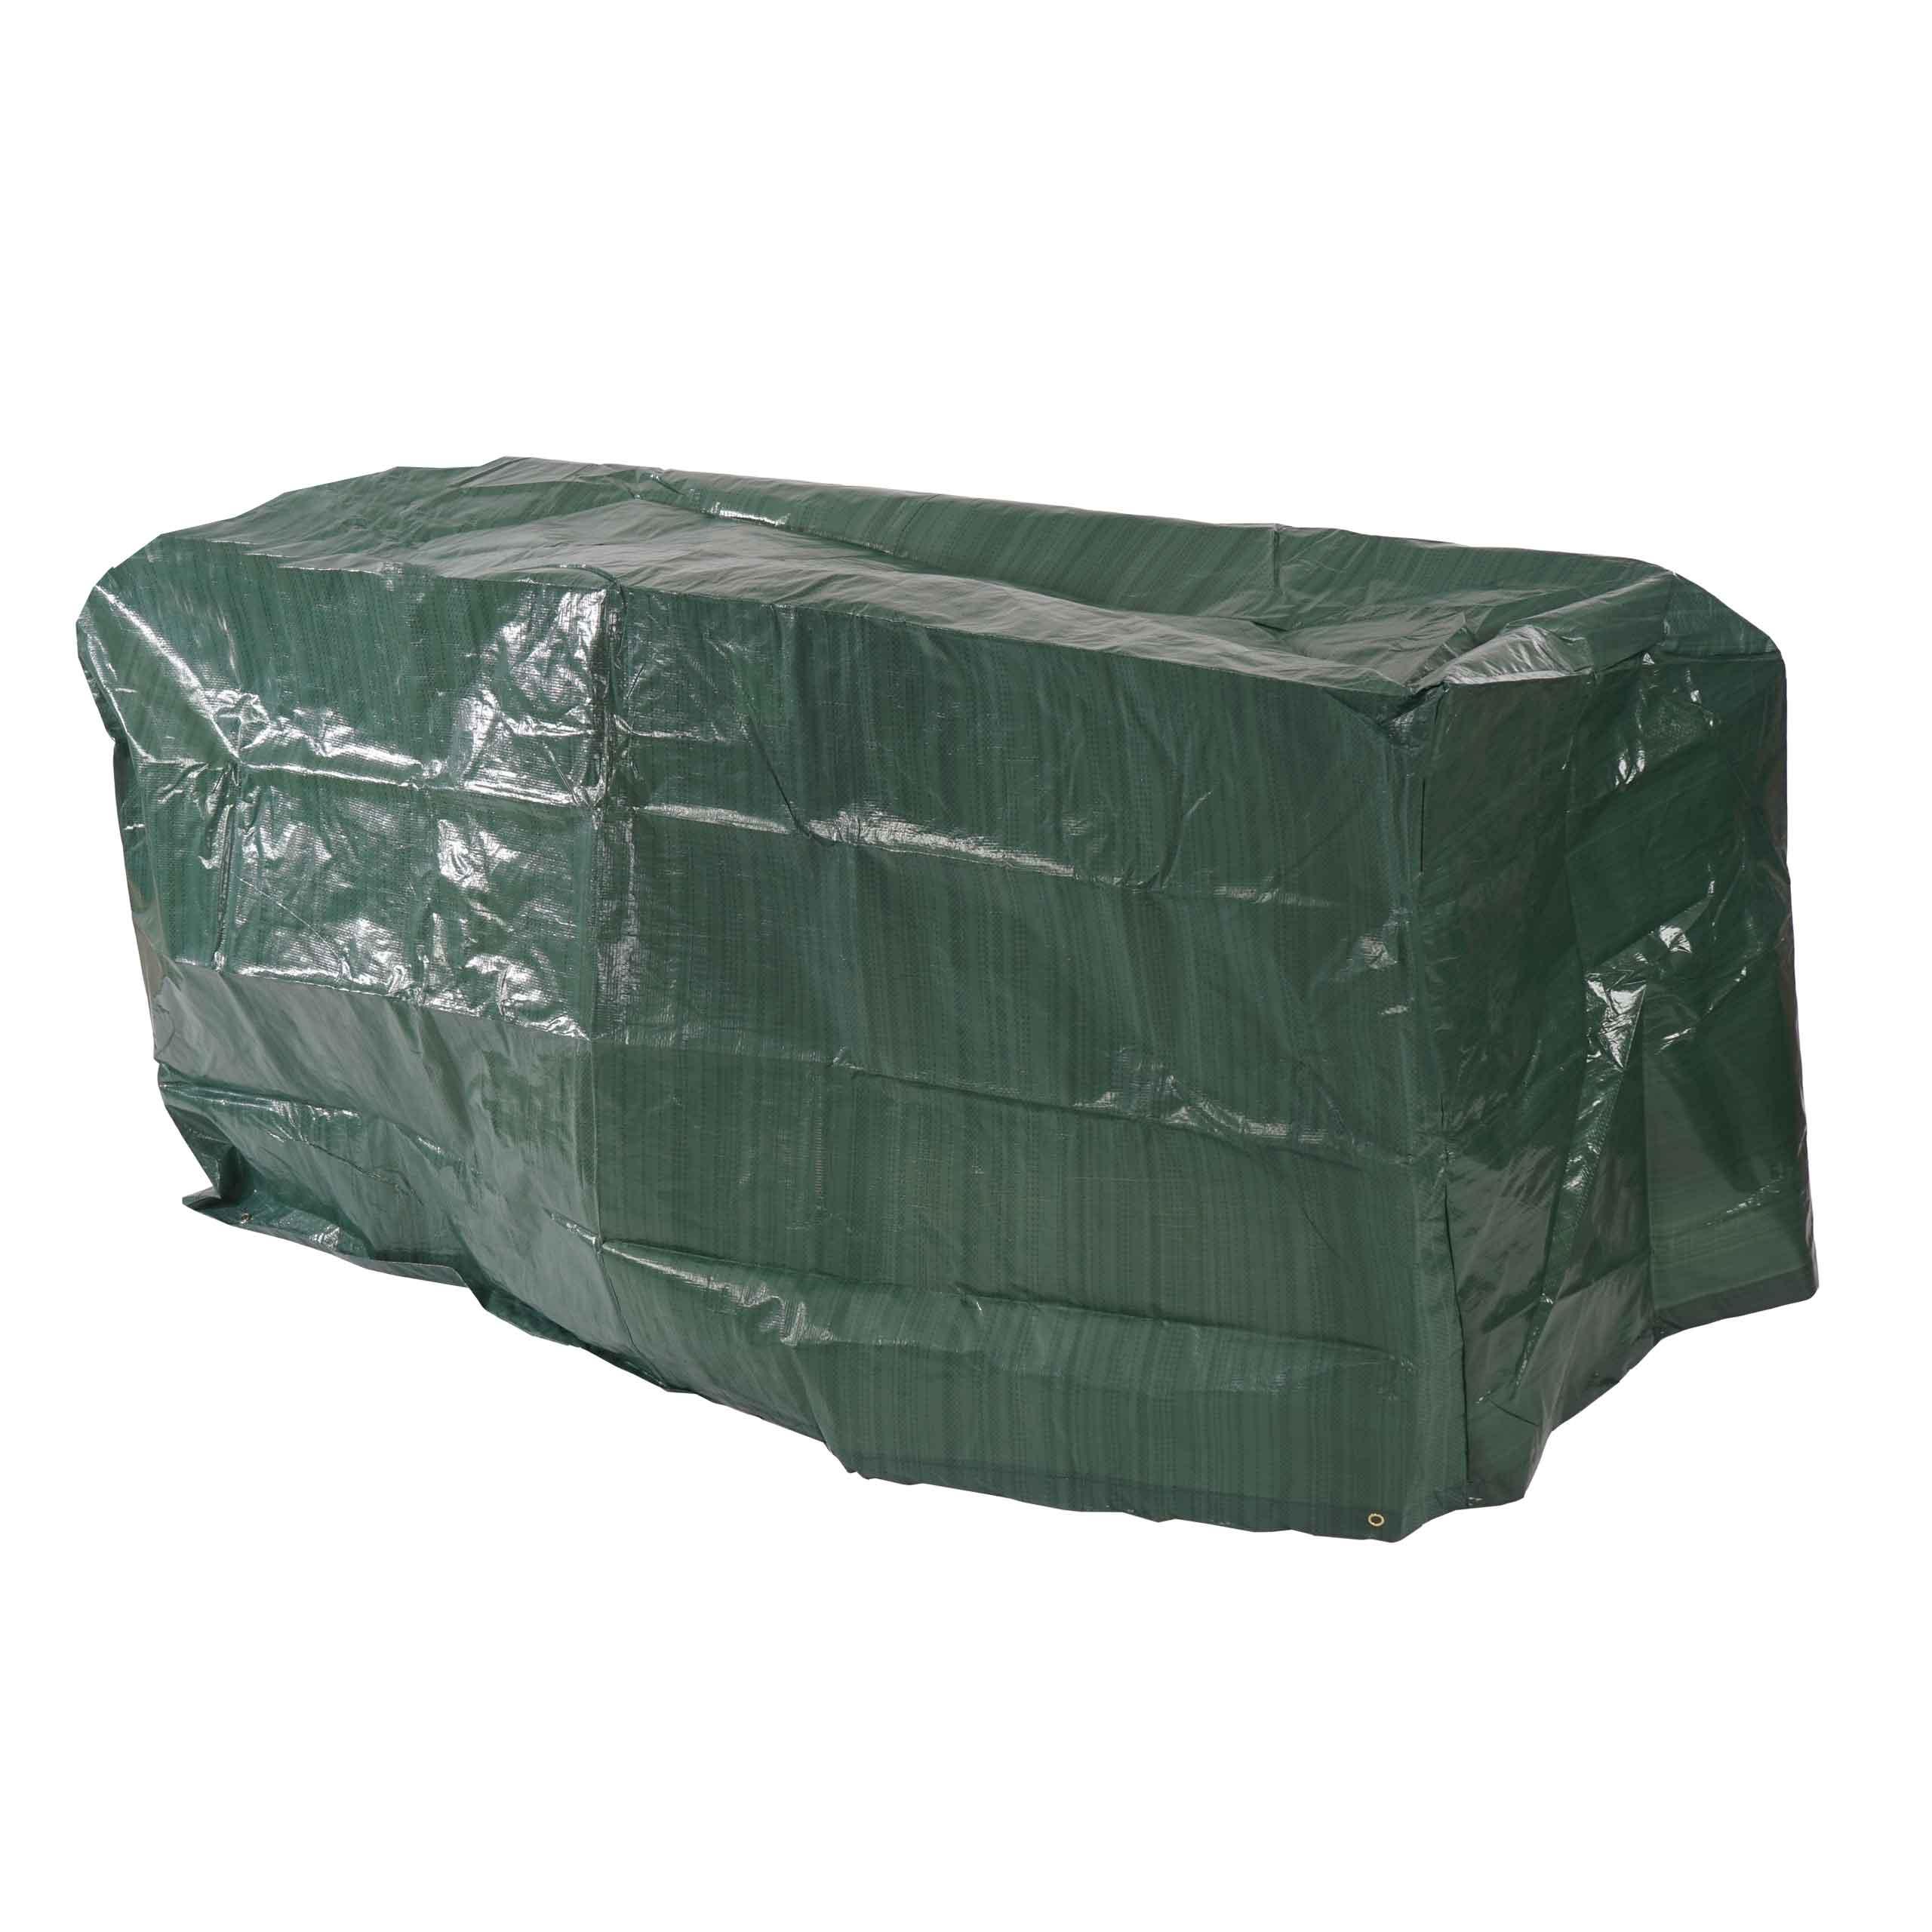 Abdeckplane Abdeckhaube Schutzplane Schutzhülle Regenschutz Für Gartenbänke 180x70x89cm